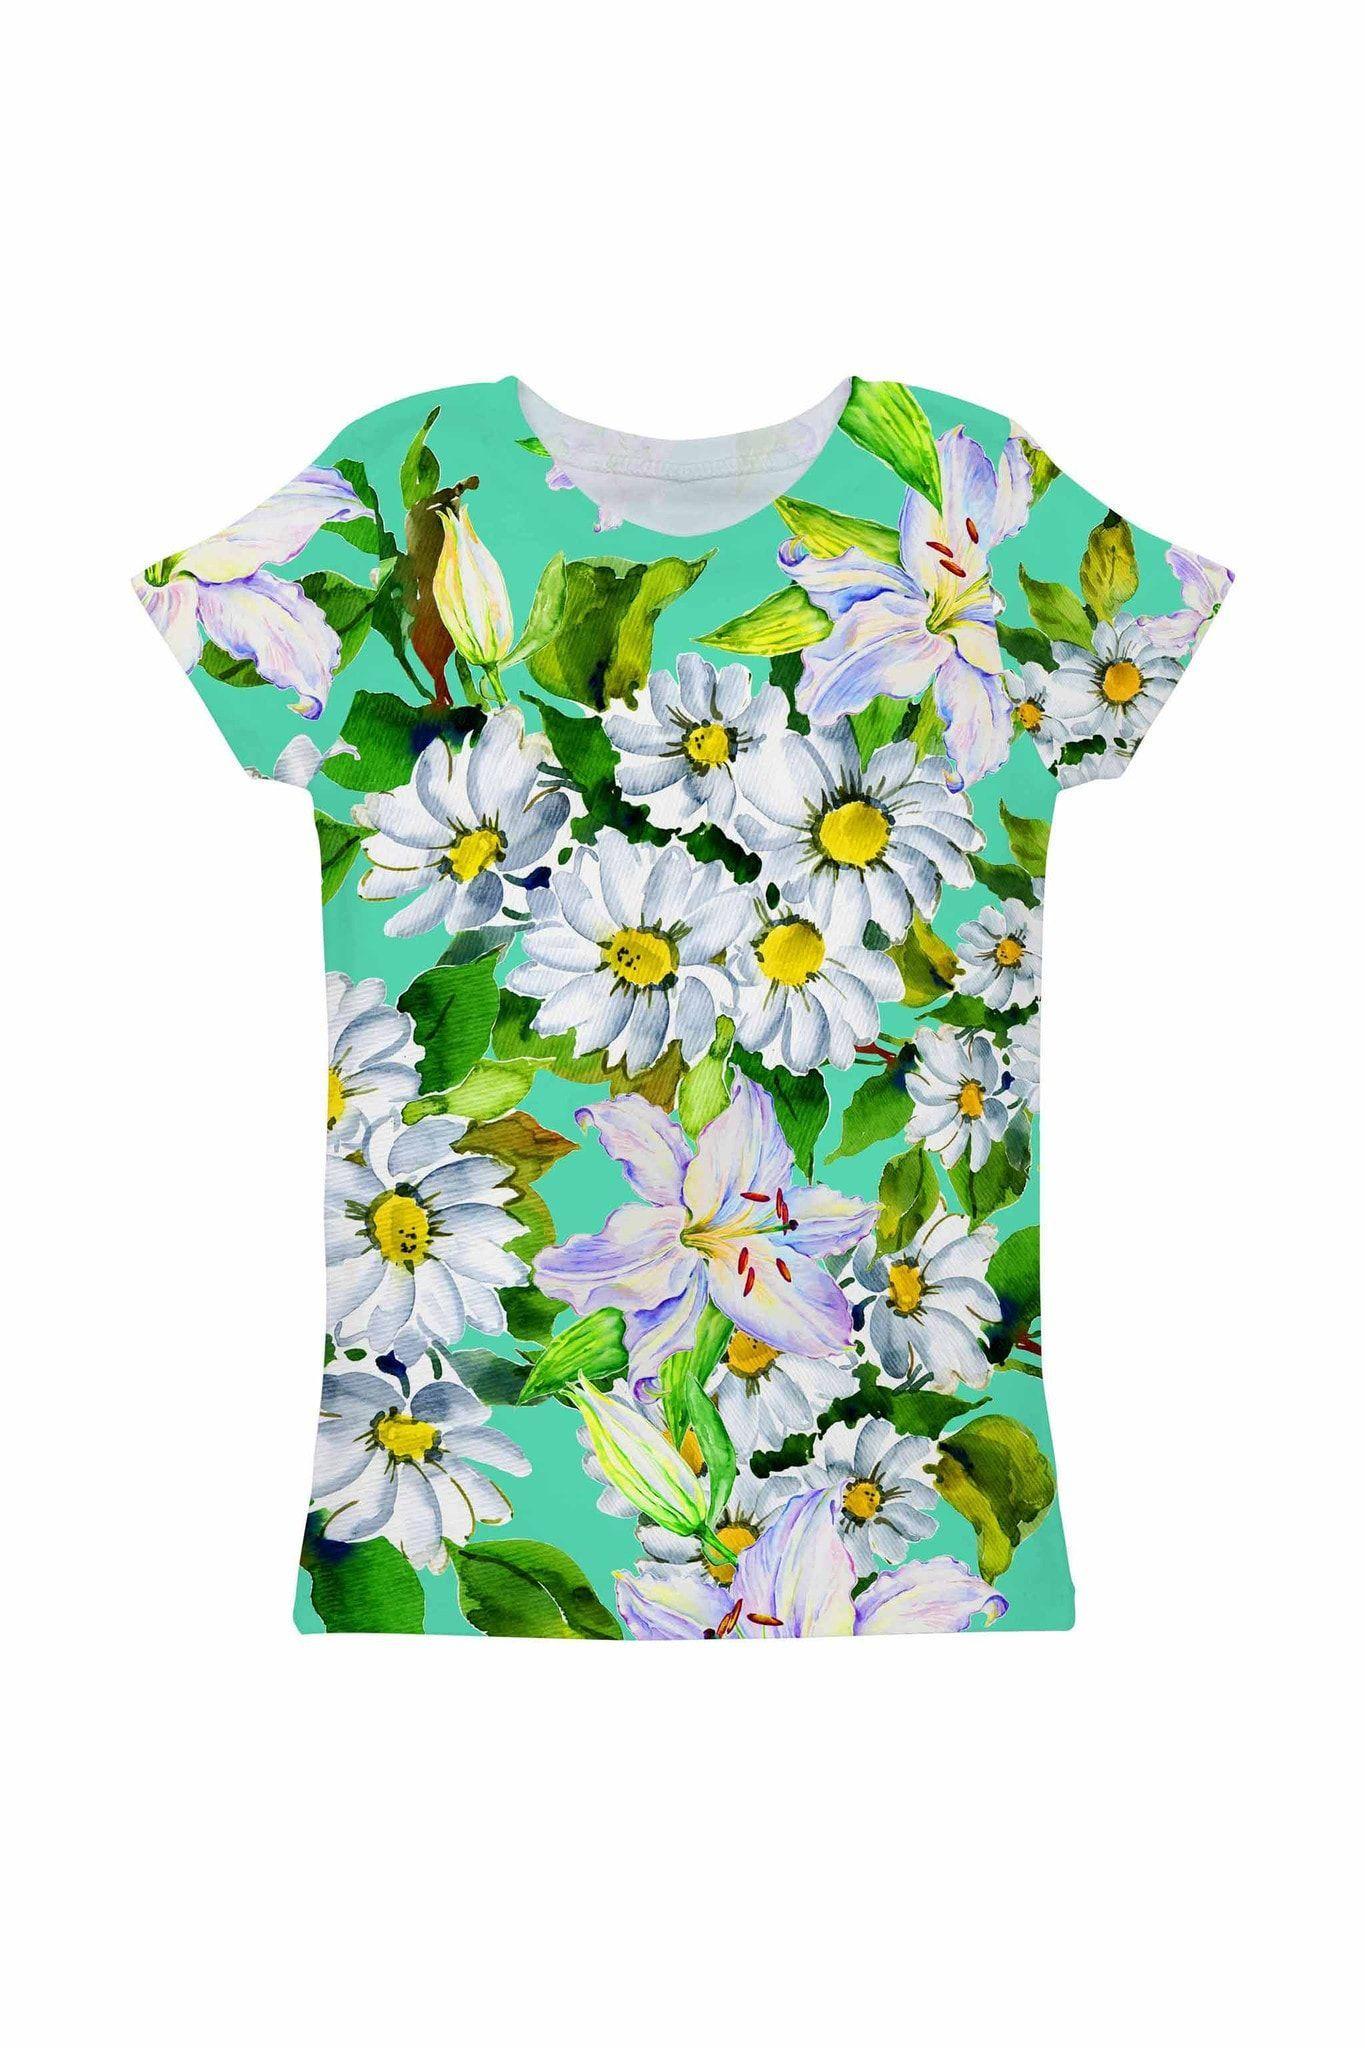 Flower Party Zoe Green Print Cute Designer T-Shirt - Girls